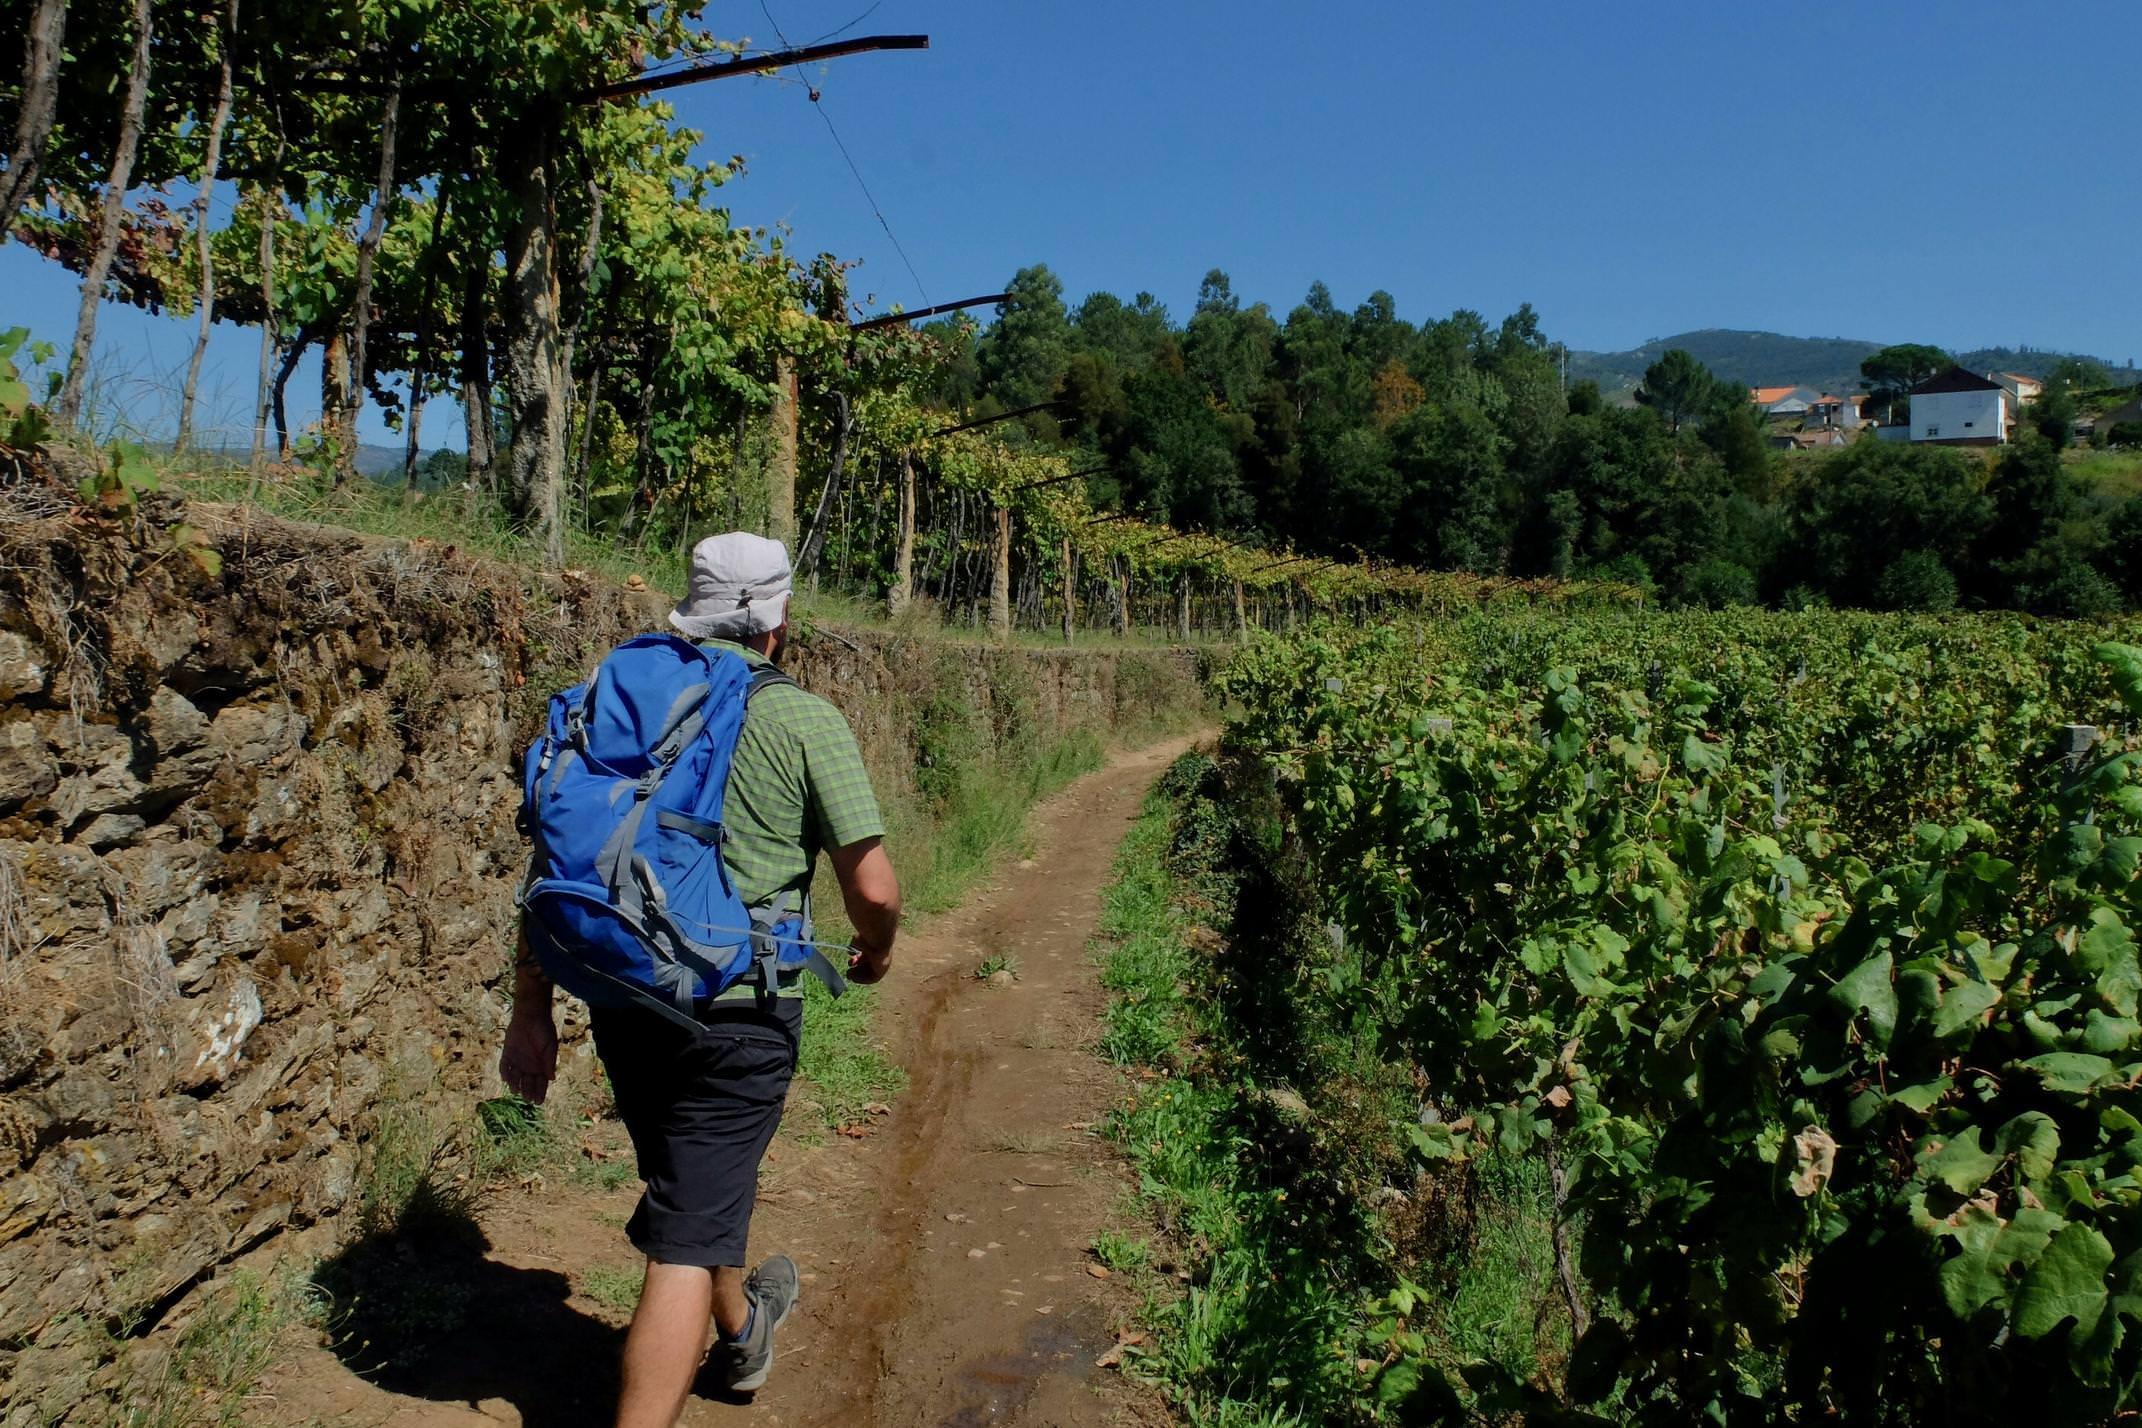 Portugal Minho Caminho Caminho Portugues walking through vineyards